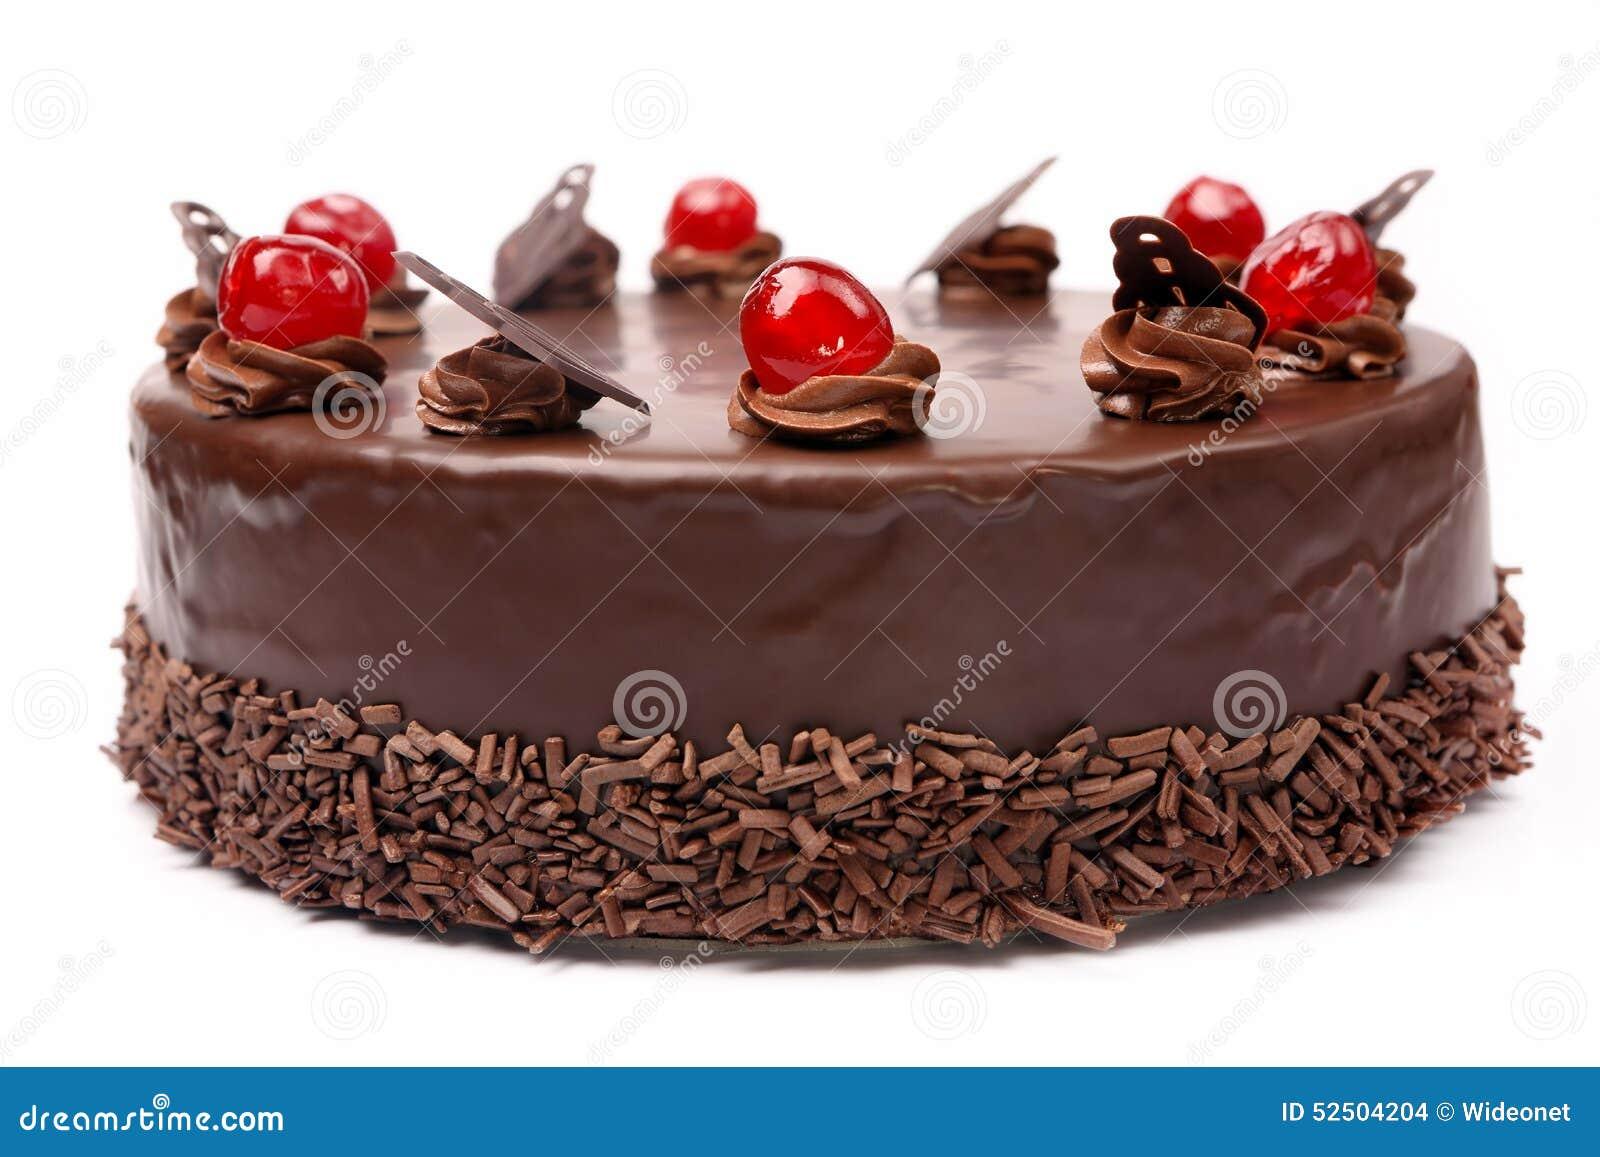 Cream Chocolate Cake With Cherries On White Background